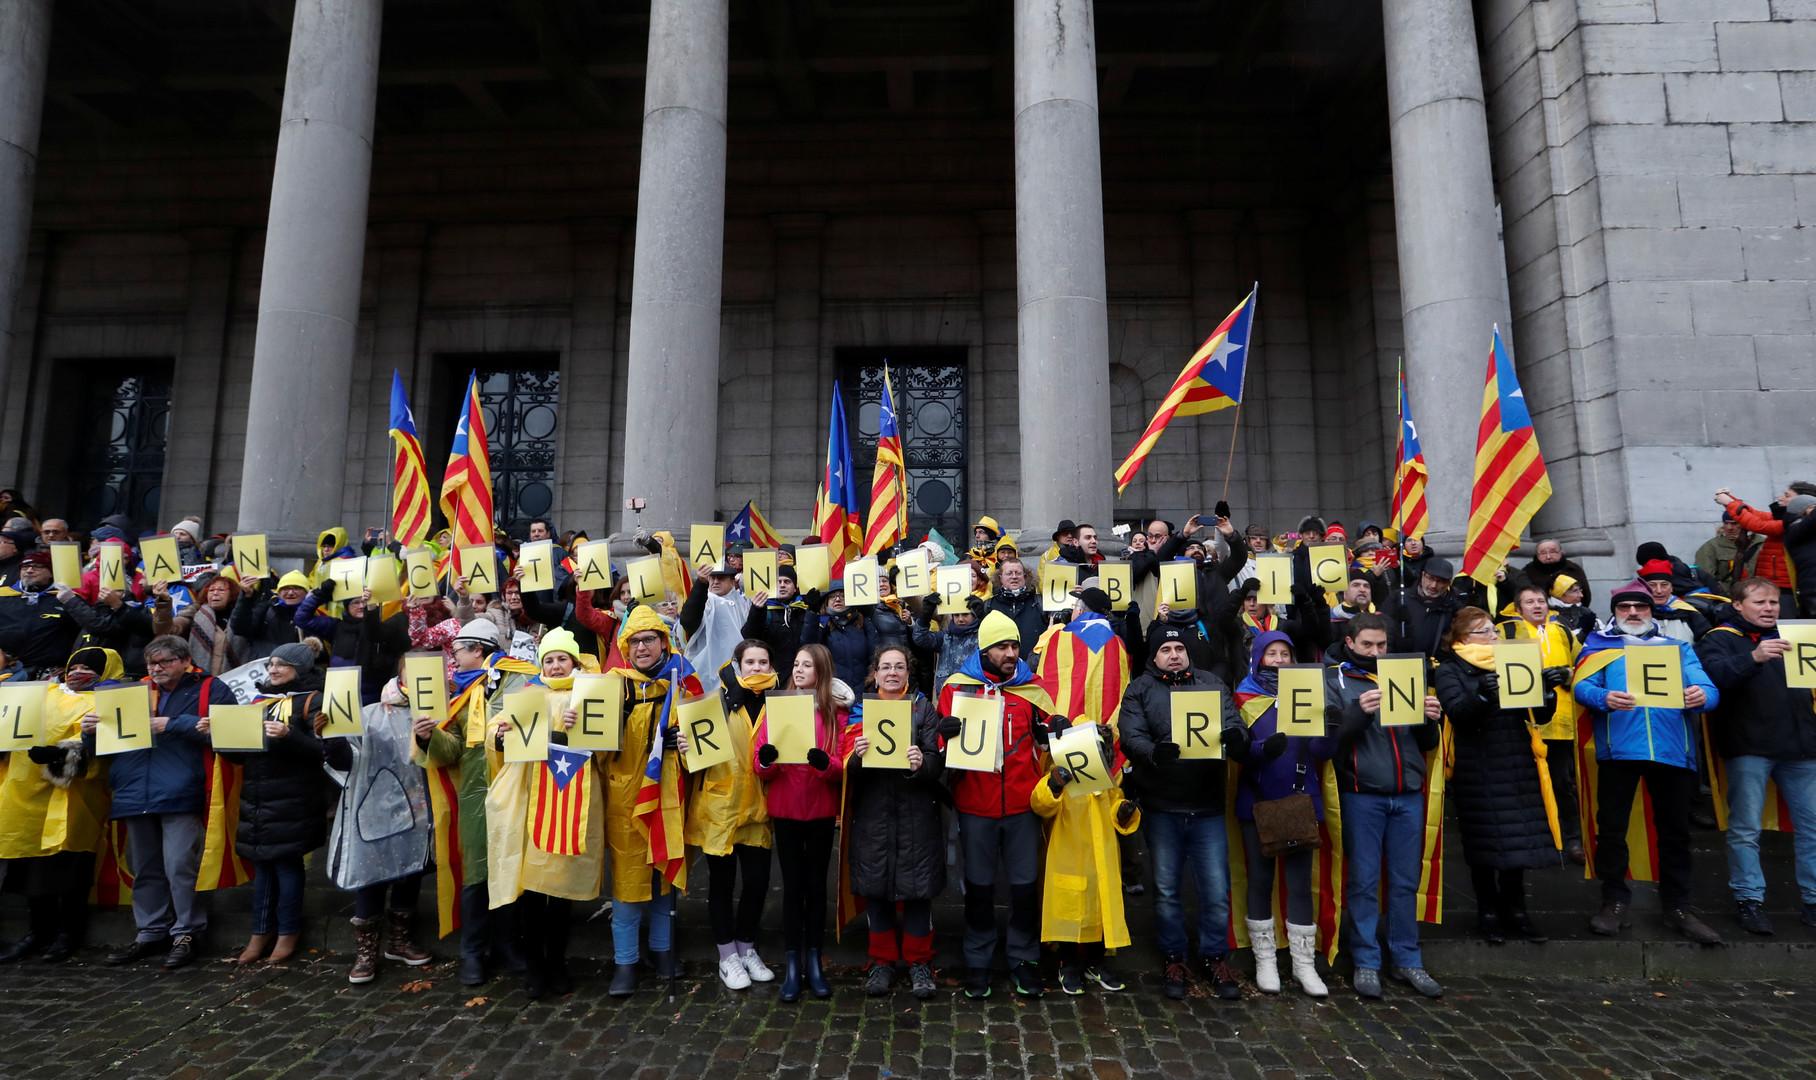 45 000 personnes manifestent à Bruxelles pour l'indépendance de la Catalogne (IMAGES)